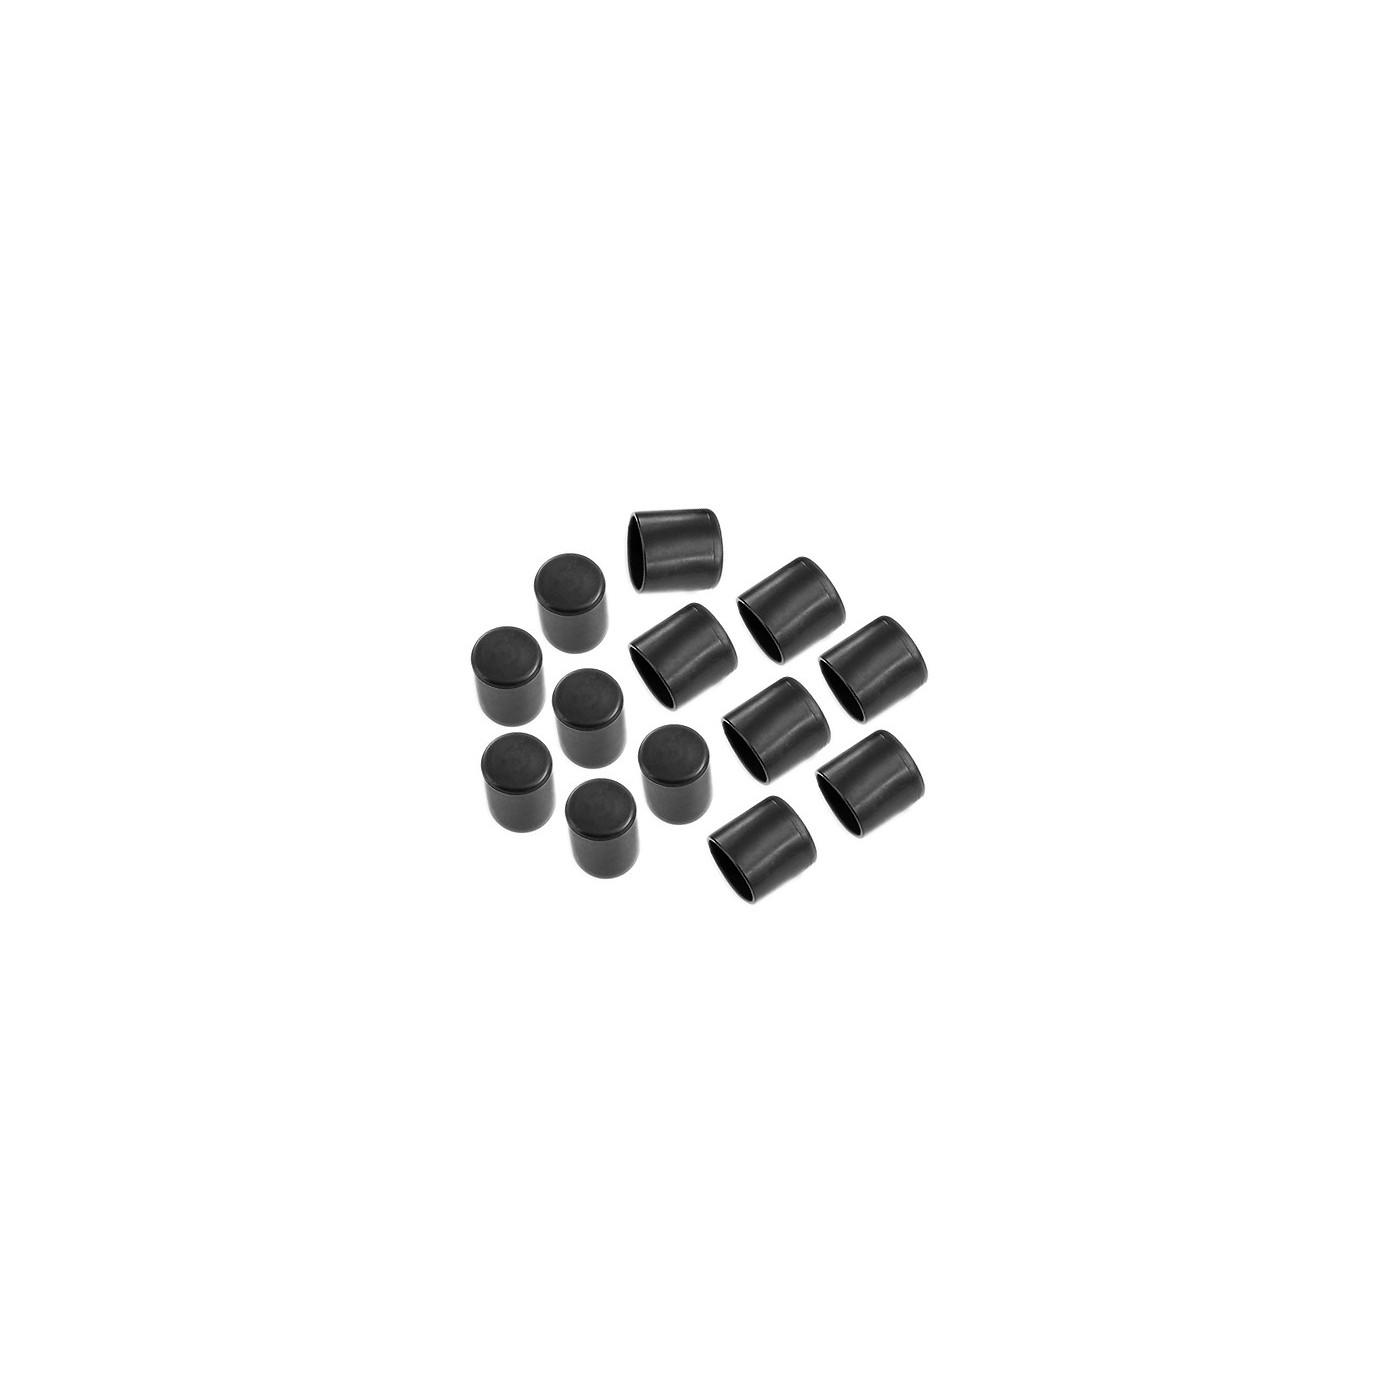 Set van 32 flexibele stoelpootdoppen (omdop, rond, 14 mm